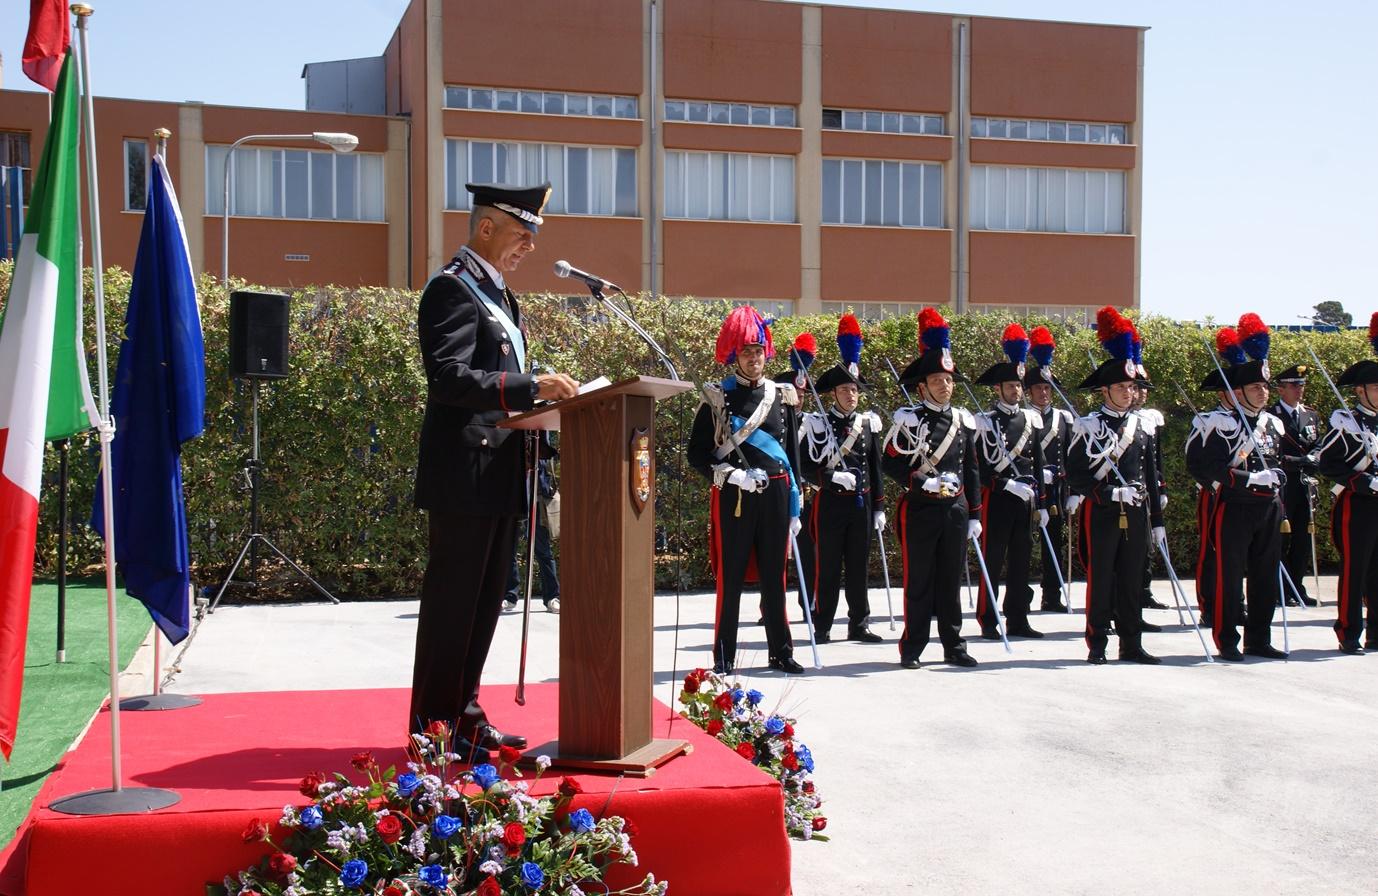 Celebrato ad Avola il 202° Annuale della fondazione dell'Arma dei Carabinieri